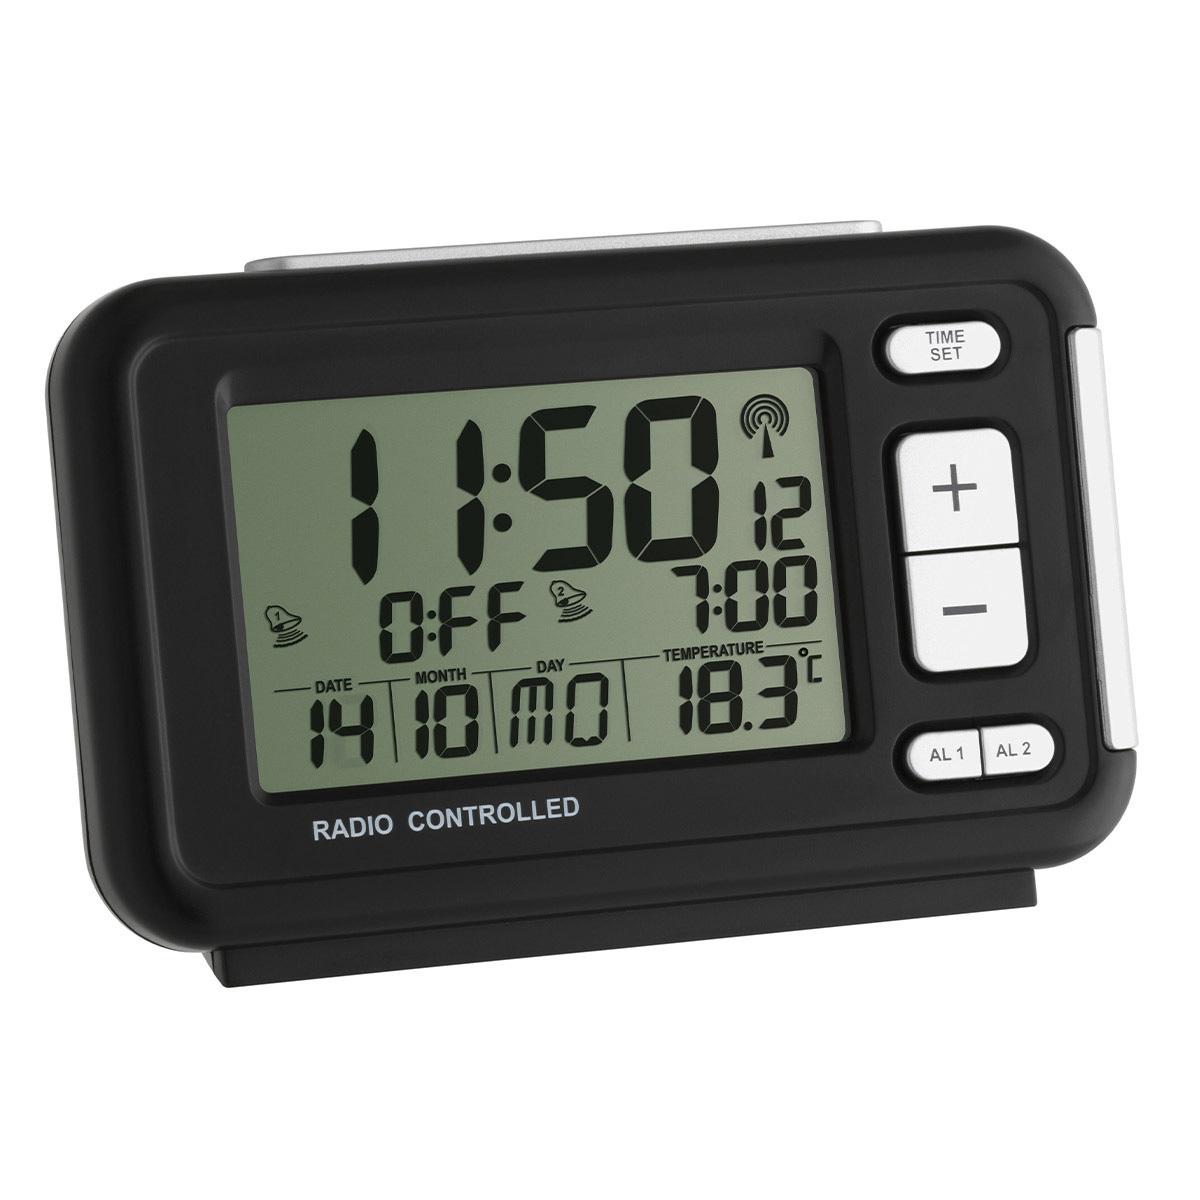 60-2500-digitaler-funk-wecker-mit-temperatur-1200x1200px.jpg